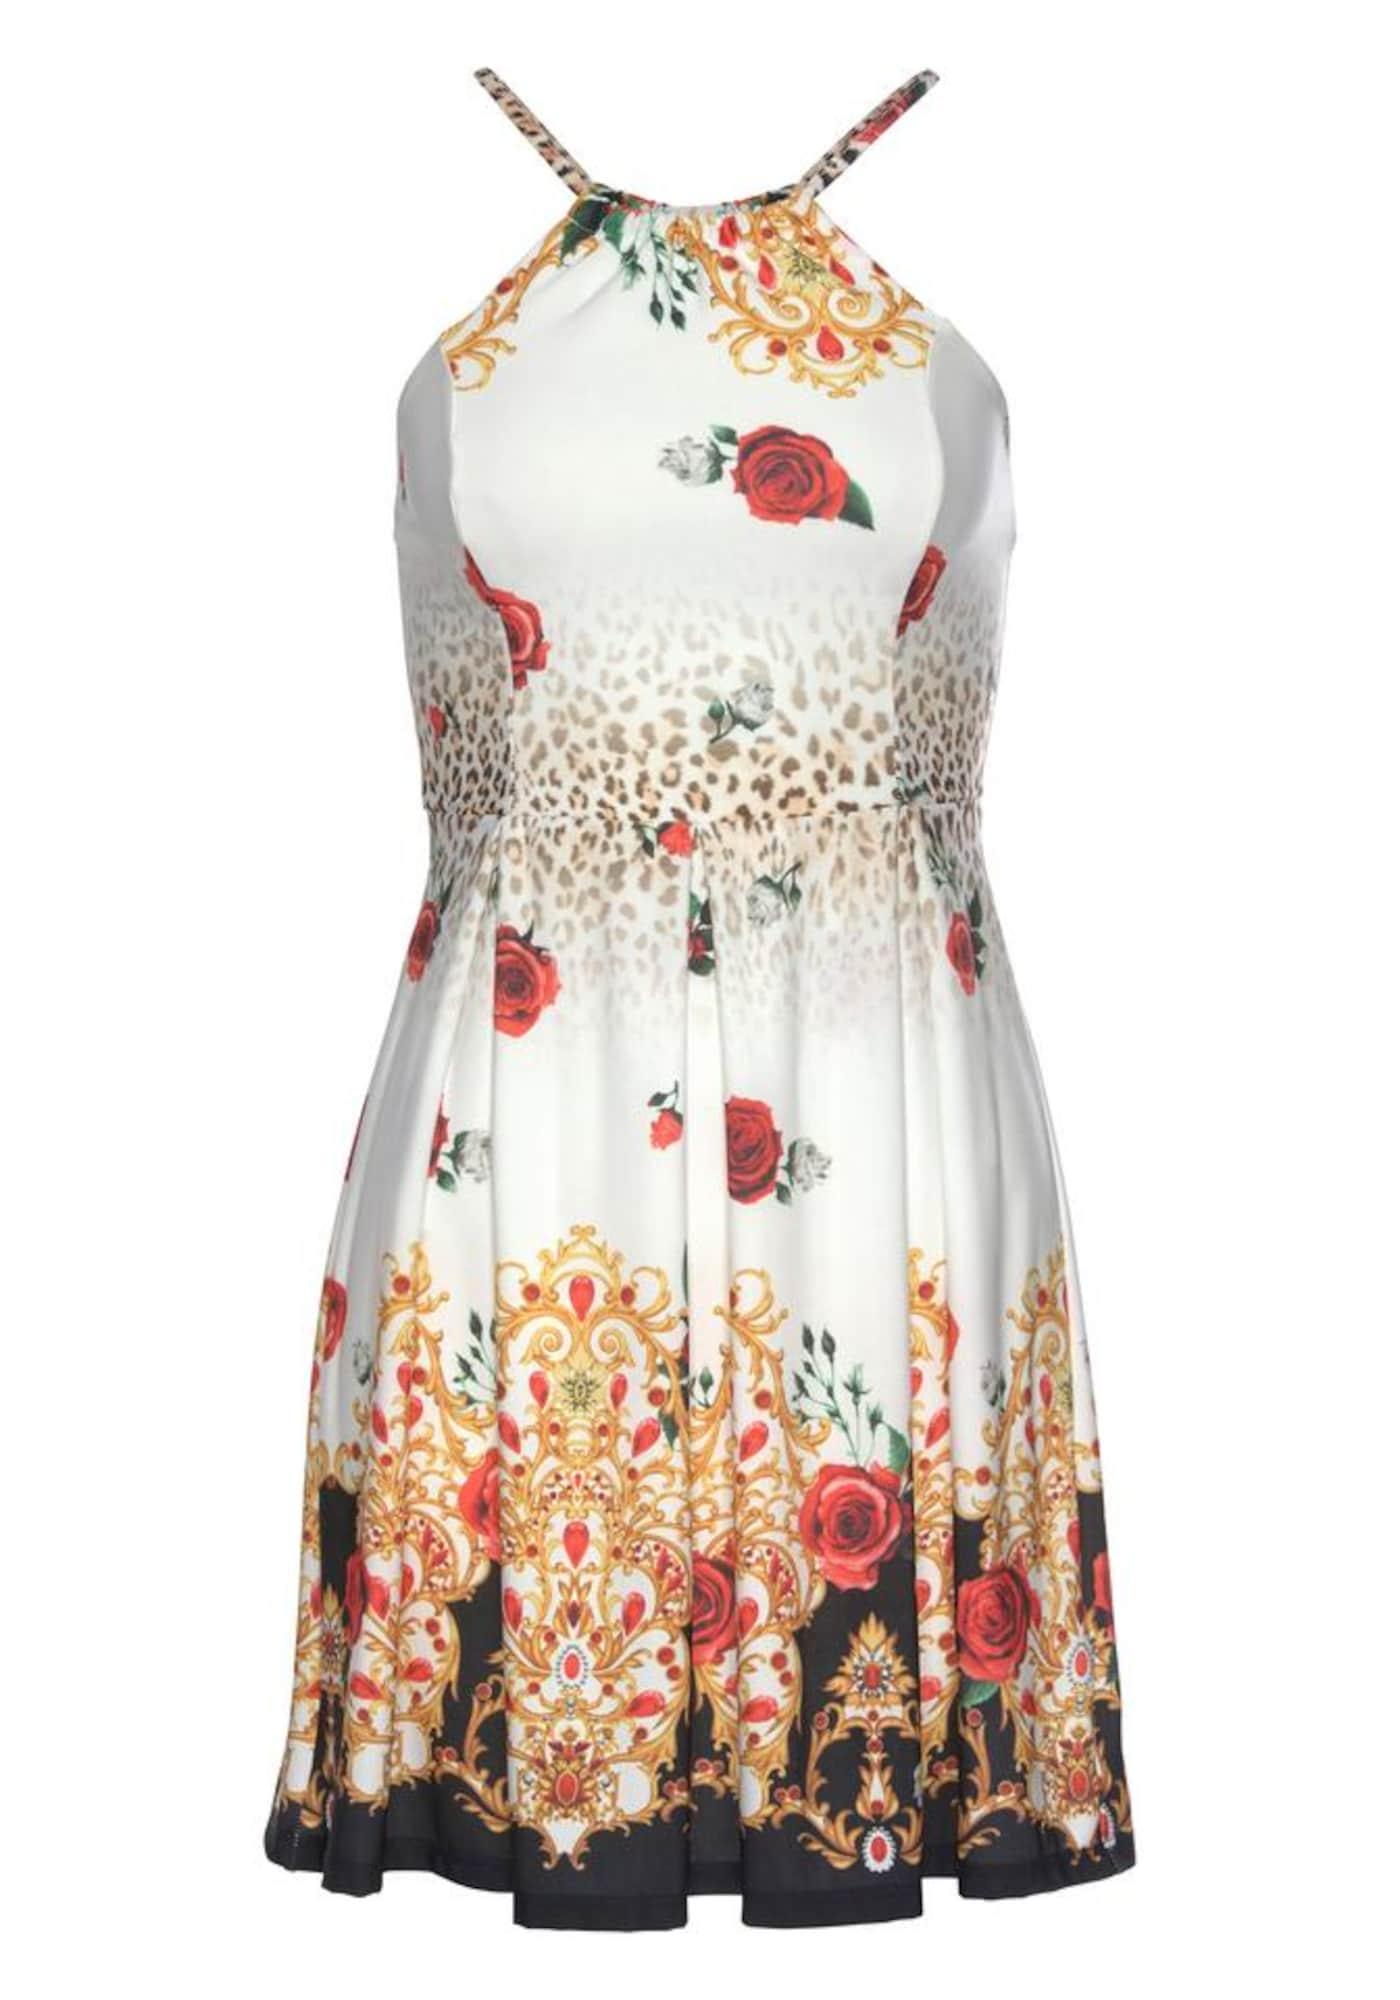 Sommerkleid   Bekleidung > Kleider > Sommerkleider   Weiß   MELROSE